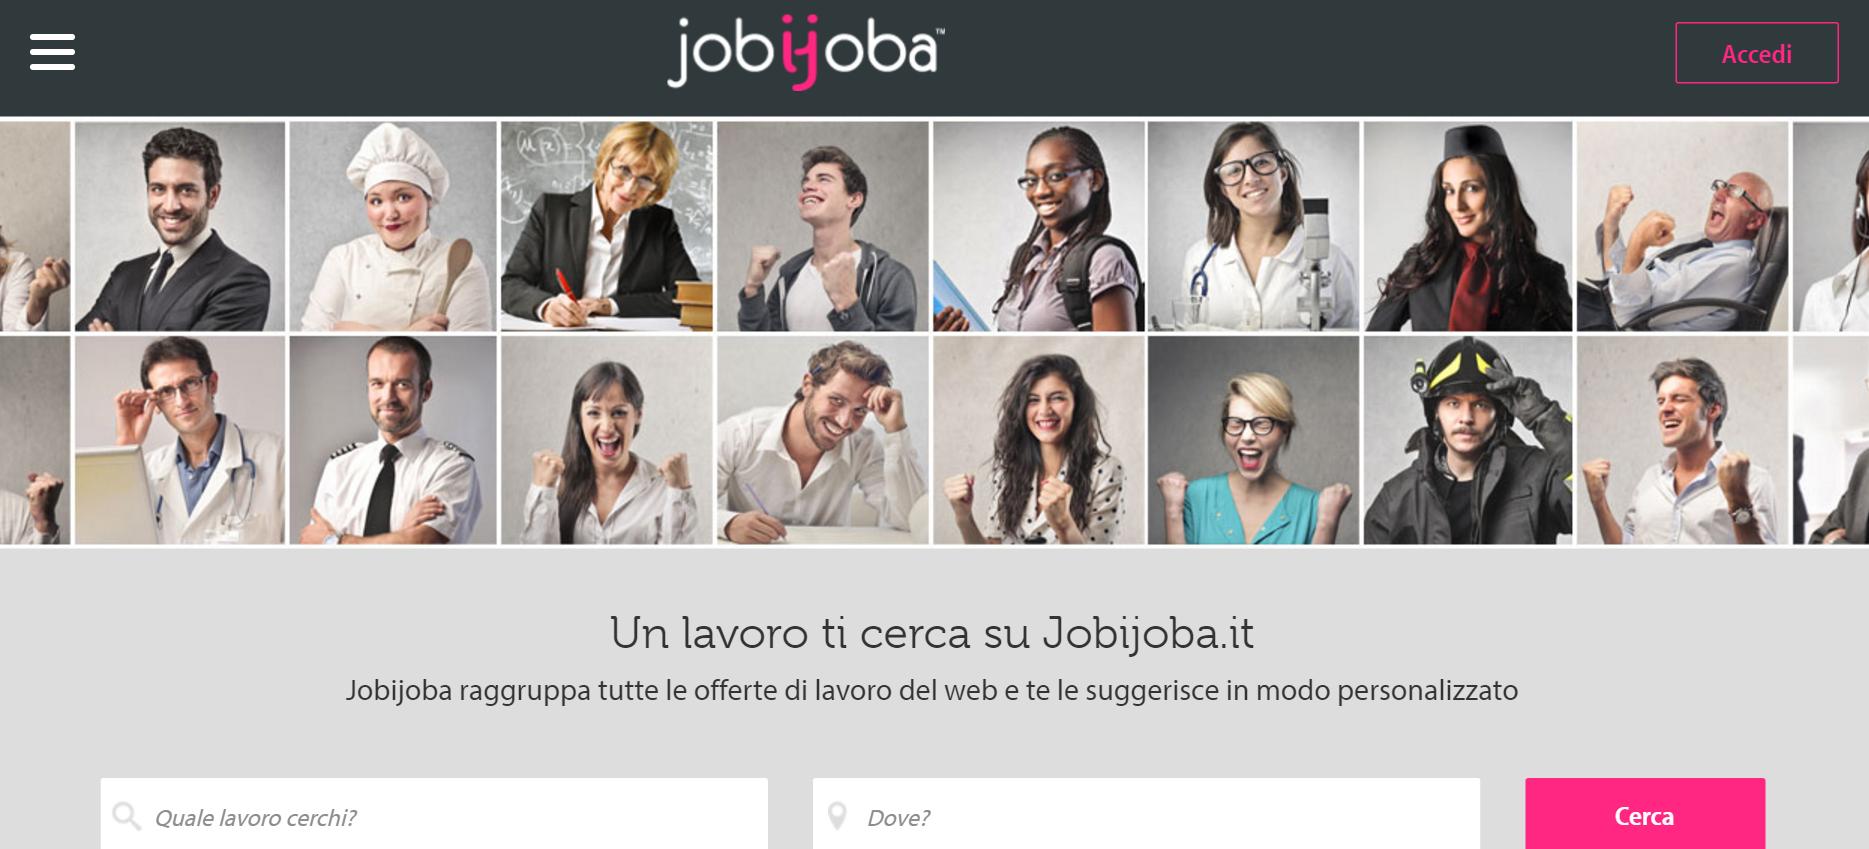 jobjoba